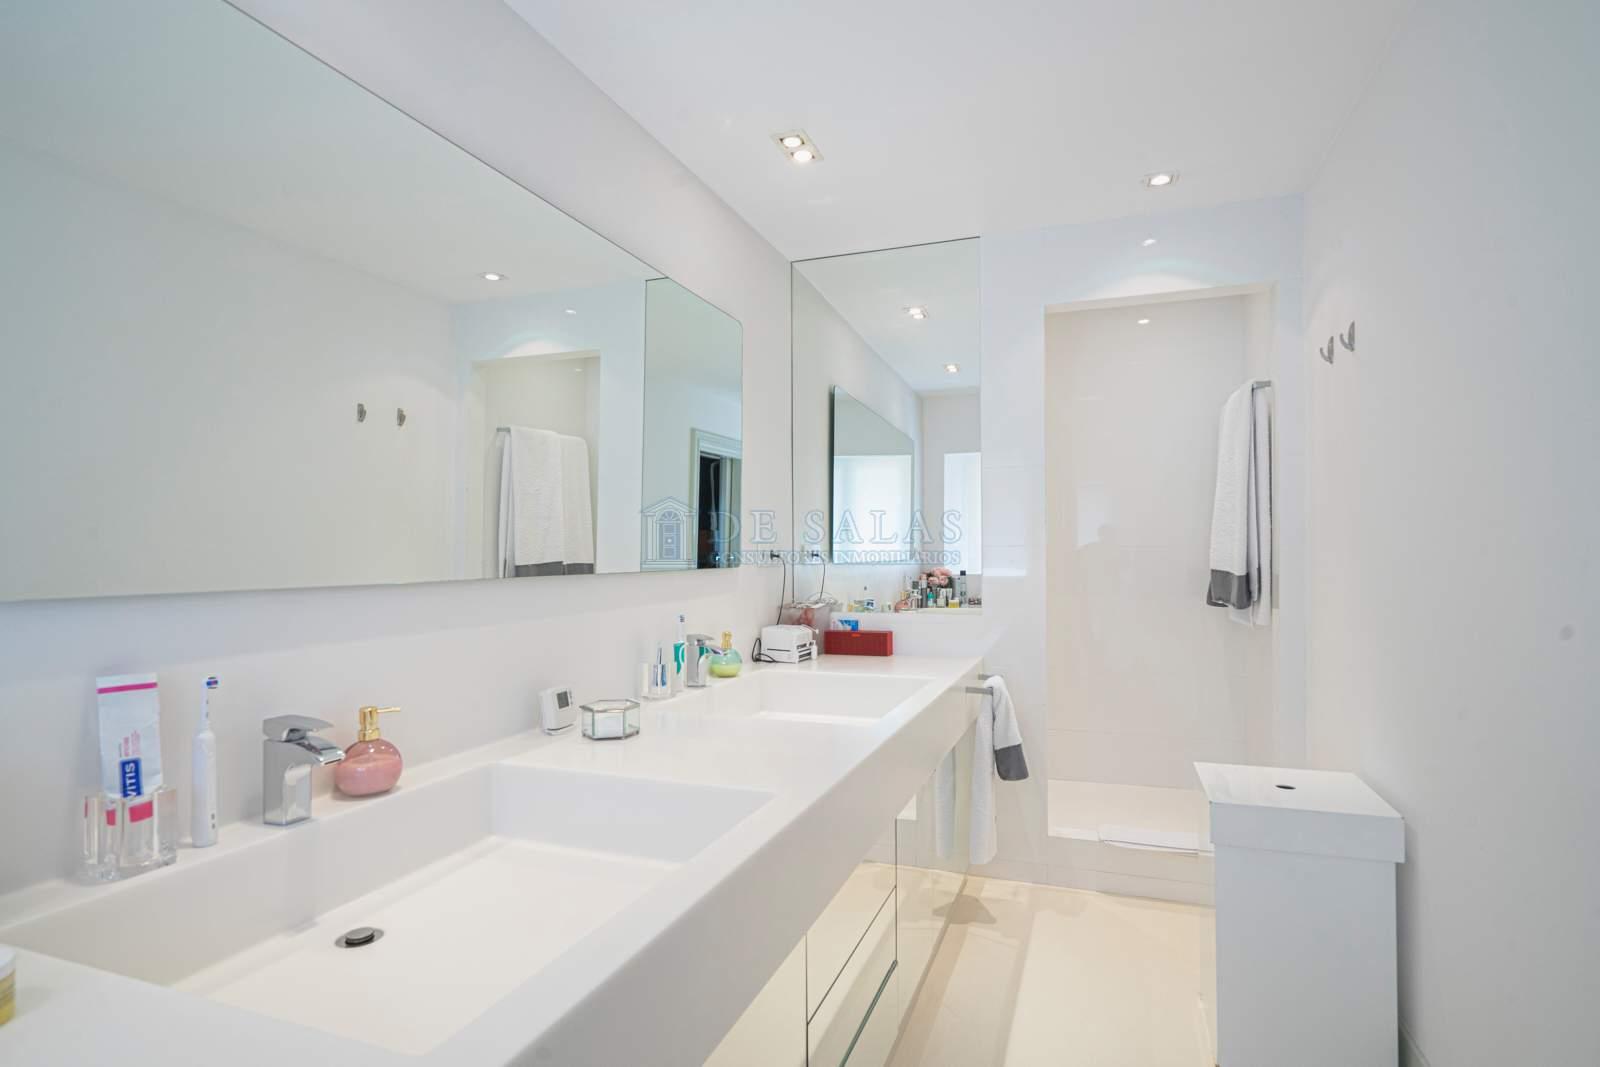 Baño-0018 Maison La Moraleja